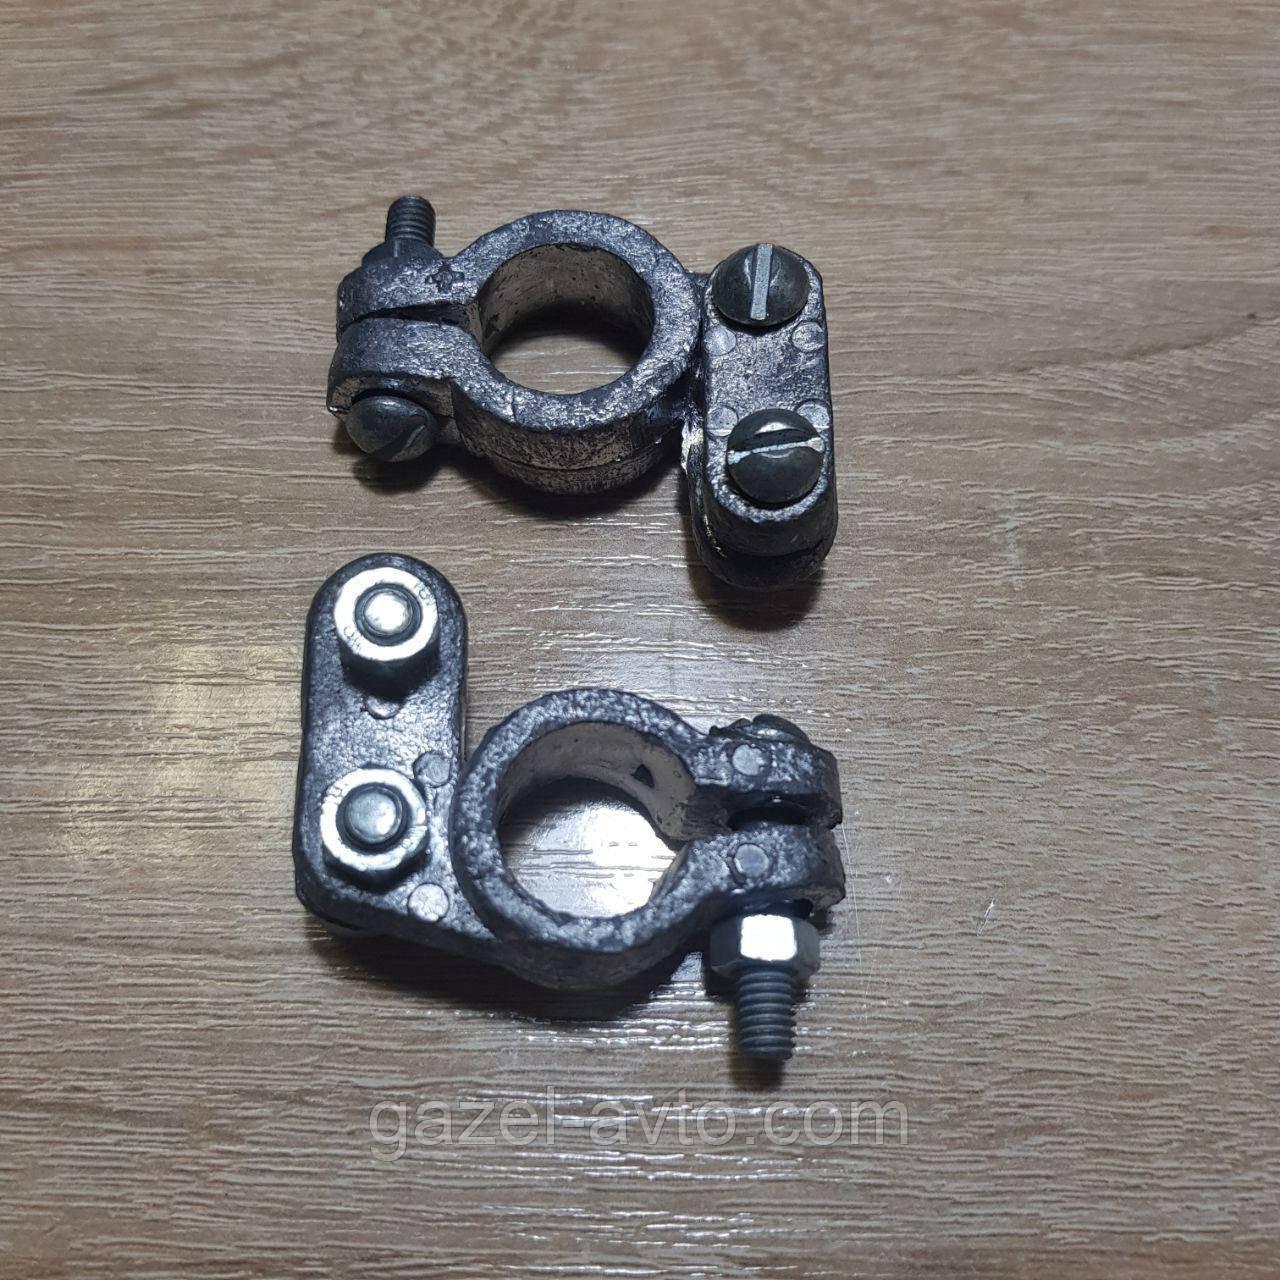 Клемма аккумуляторная легковая,грузовая автомобильная, свинец (комплект 2 шт) (пр-во Турция)